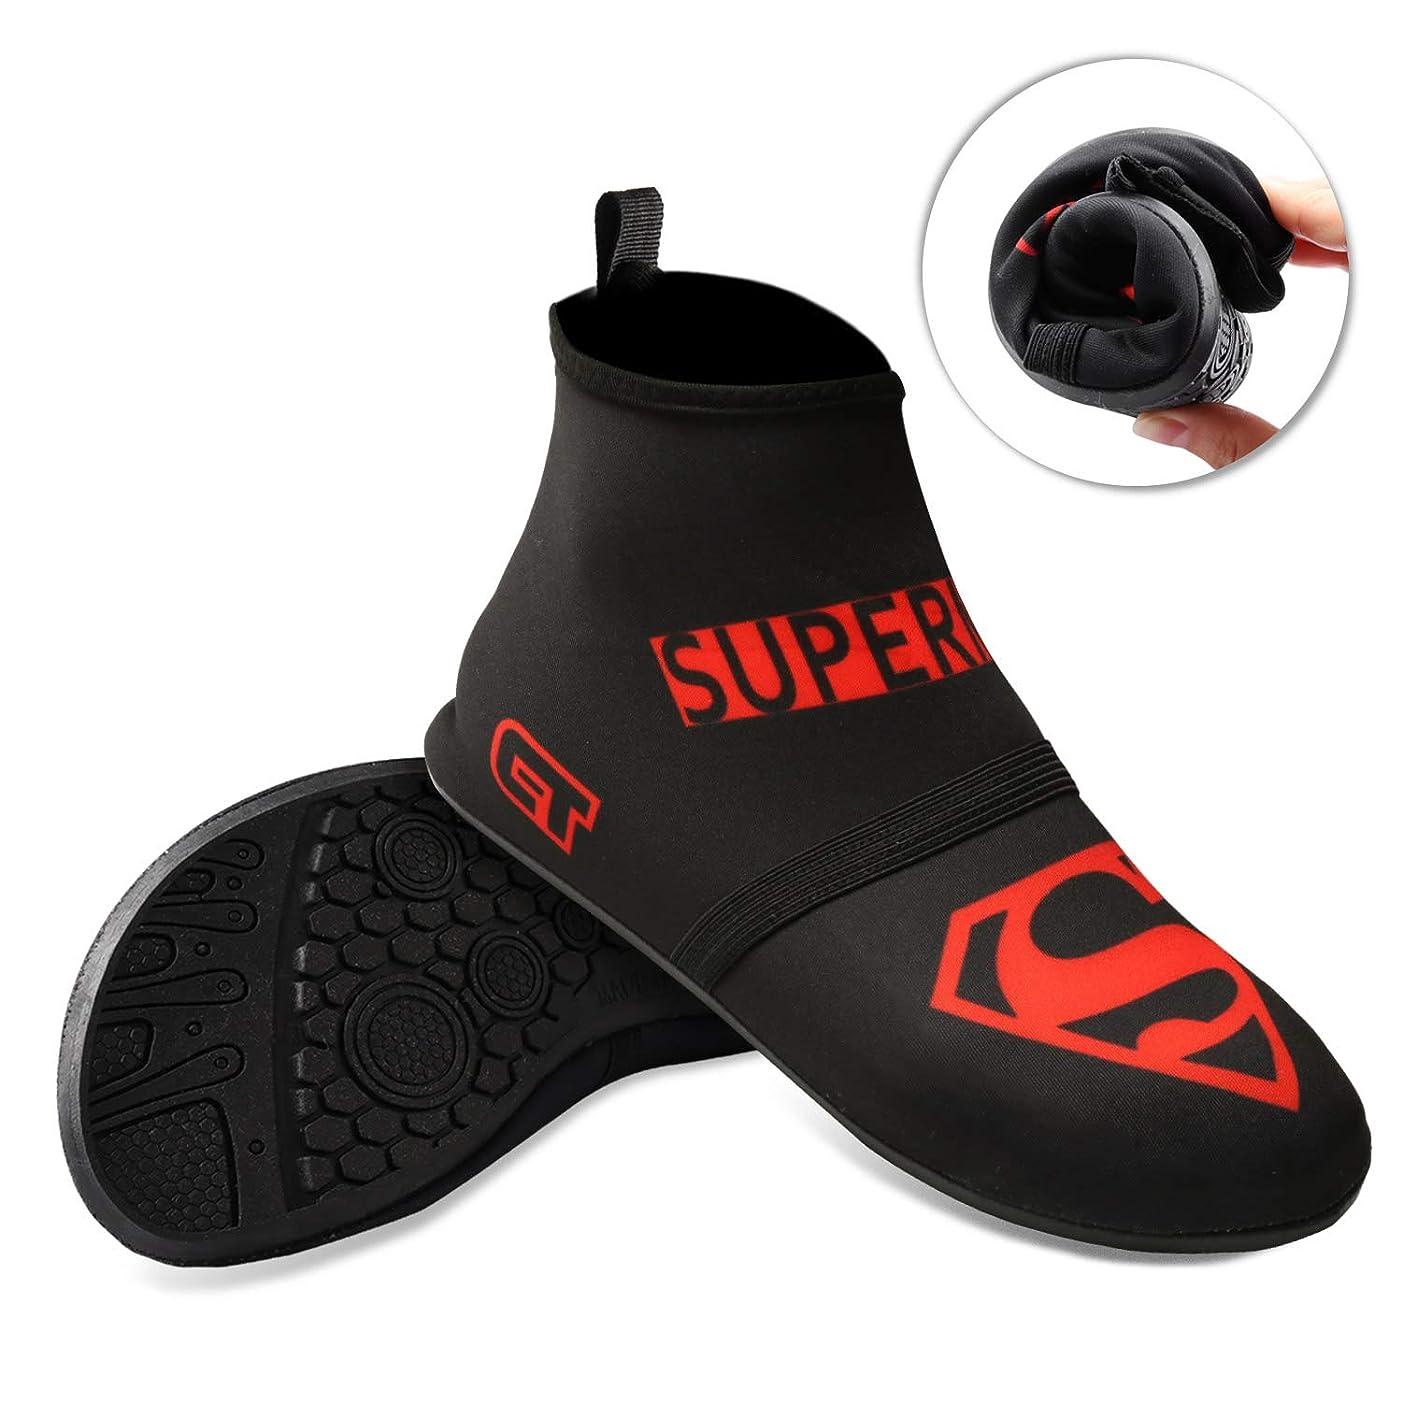 ではごきげんよう手地殻kodi マリンシューズ ビーチ アクア ウォーター ダイビング シュノーケリング シュノーケル サーフィン 海水浴 水泳 ヨガ 靴 シューズ ブーツ 水陸両用 軽量 速乾 通気性 男女兼用